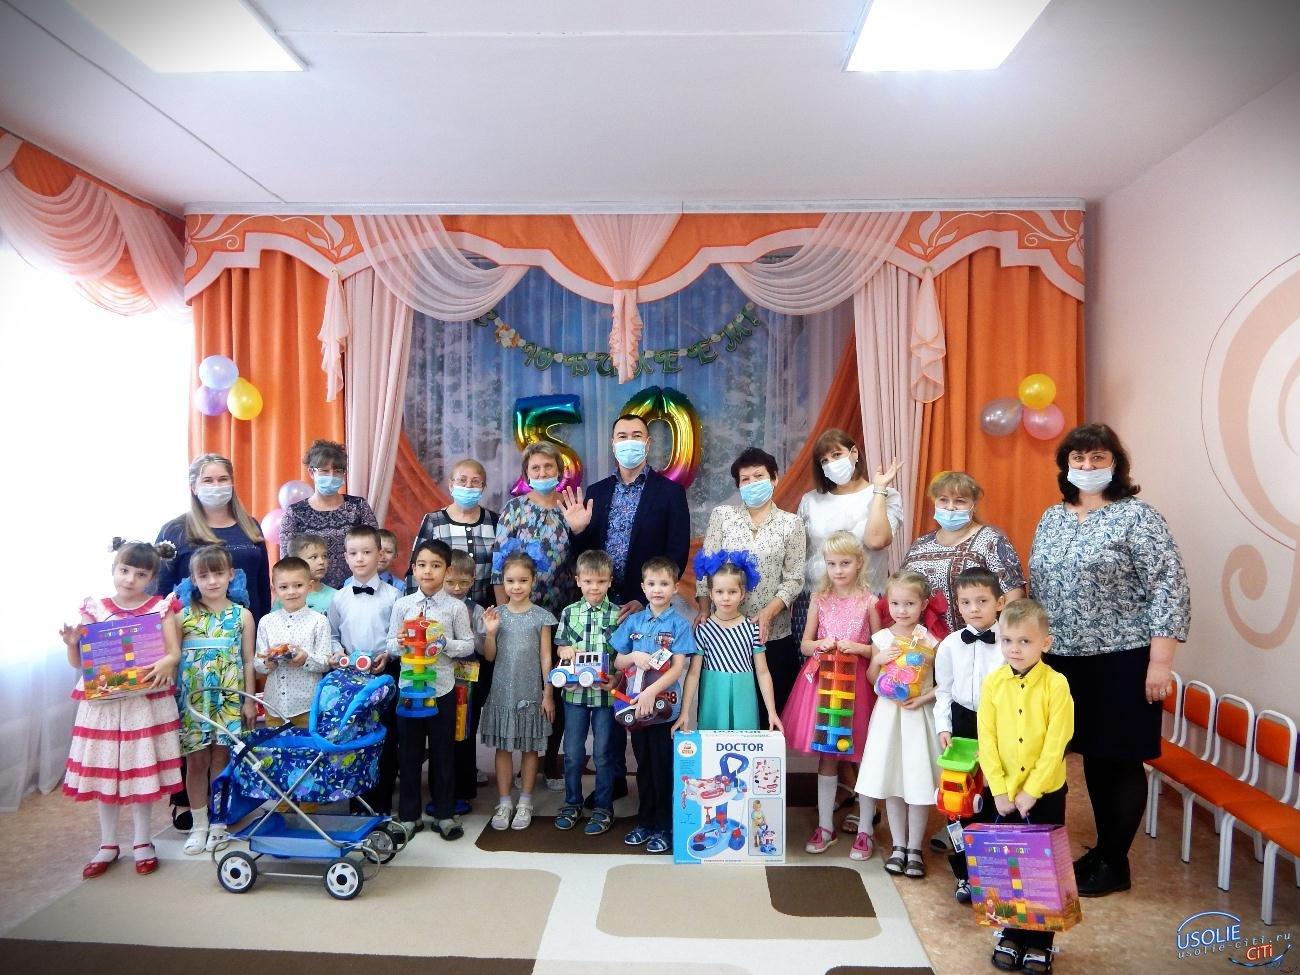 Пятьдесят лет служения детству: У усольского детского сада юбилей